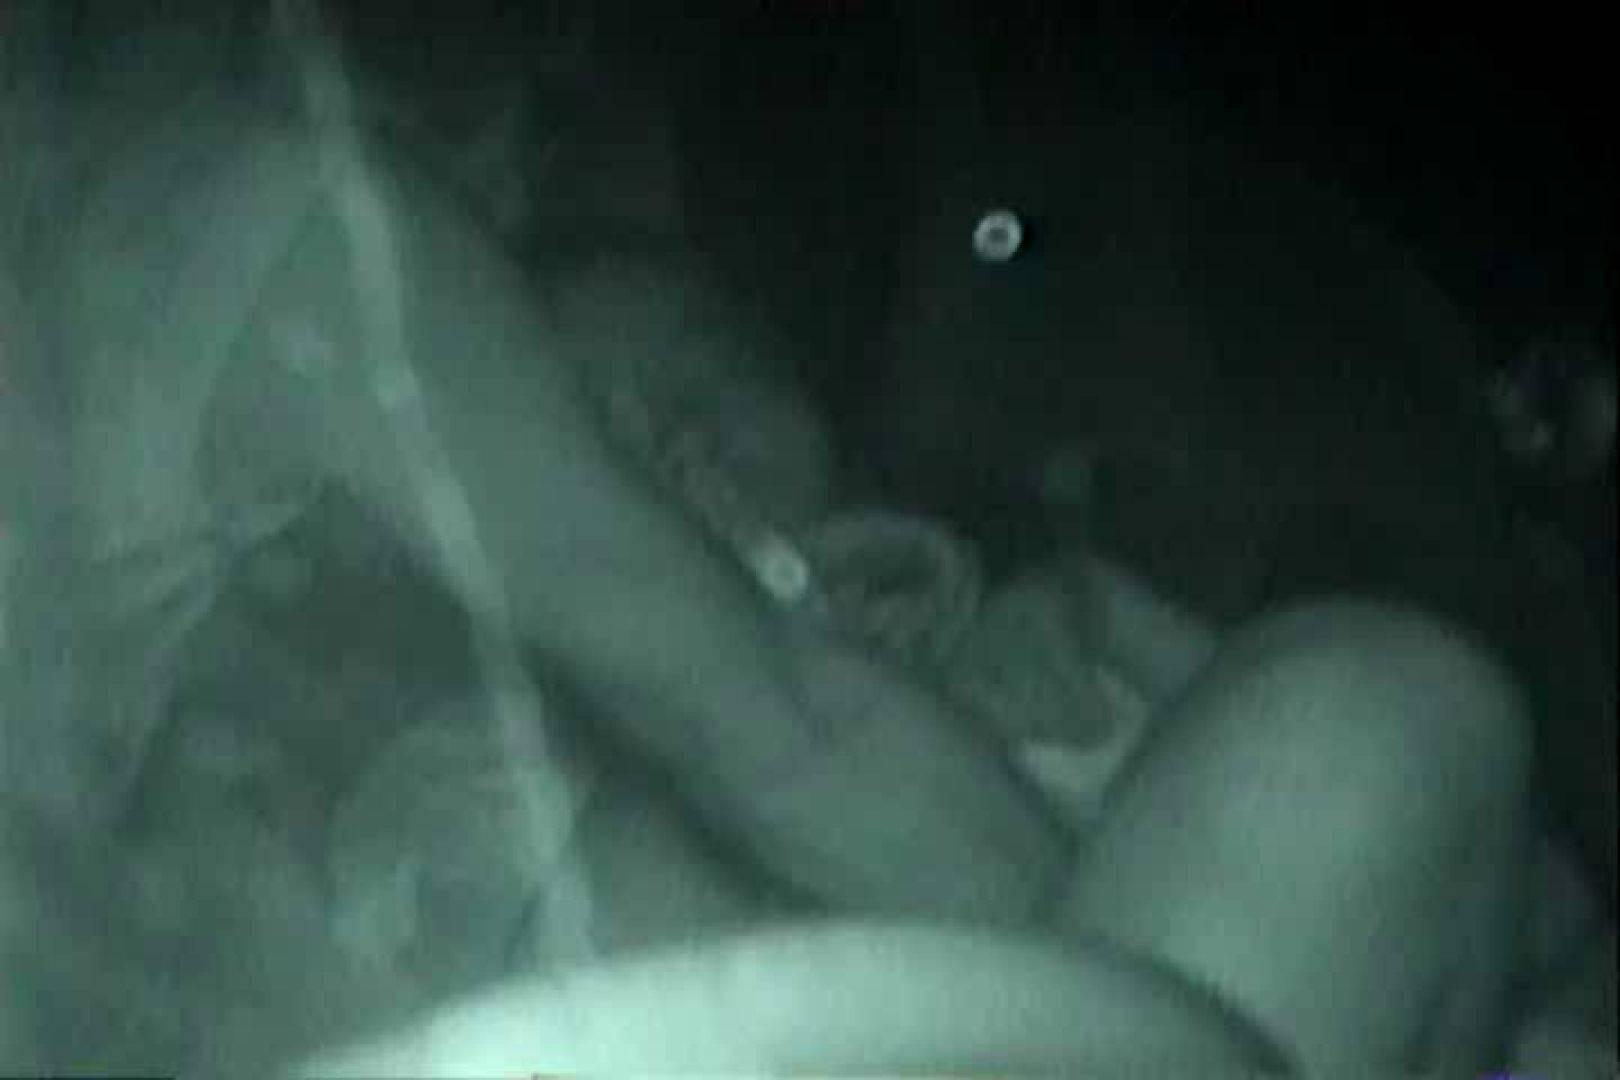 充血監督の深夜の運動会Vol.129 カップルのセックス SEX無修正画像 97PIX 67